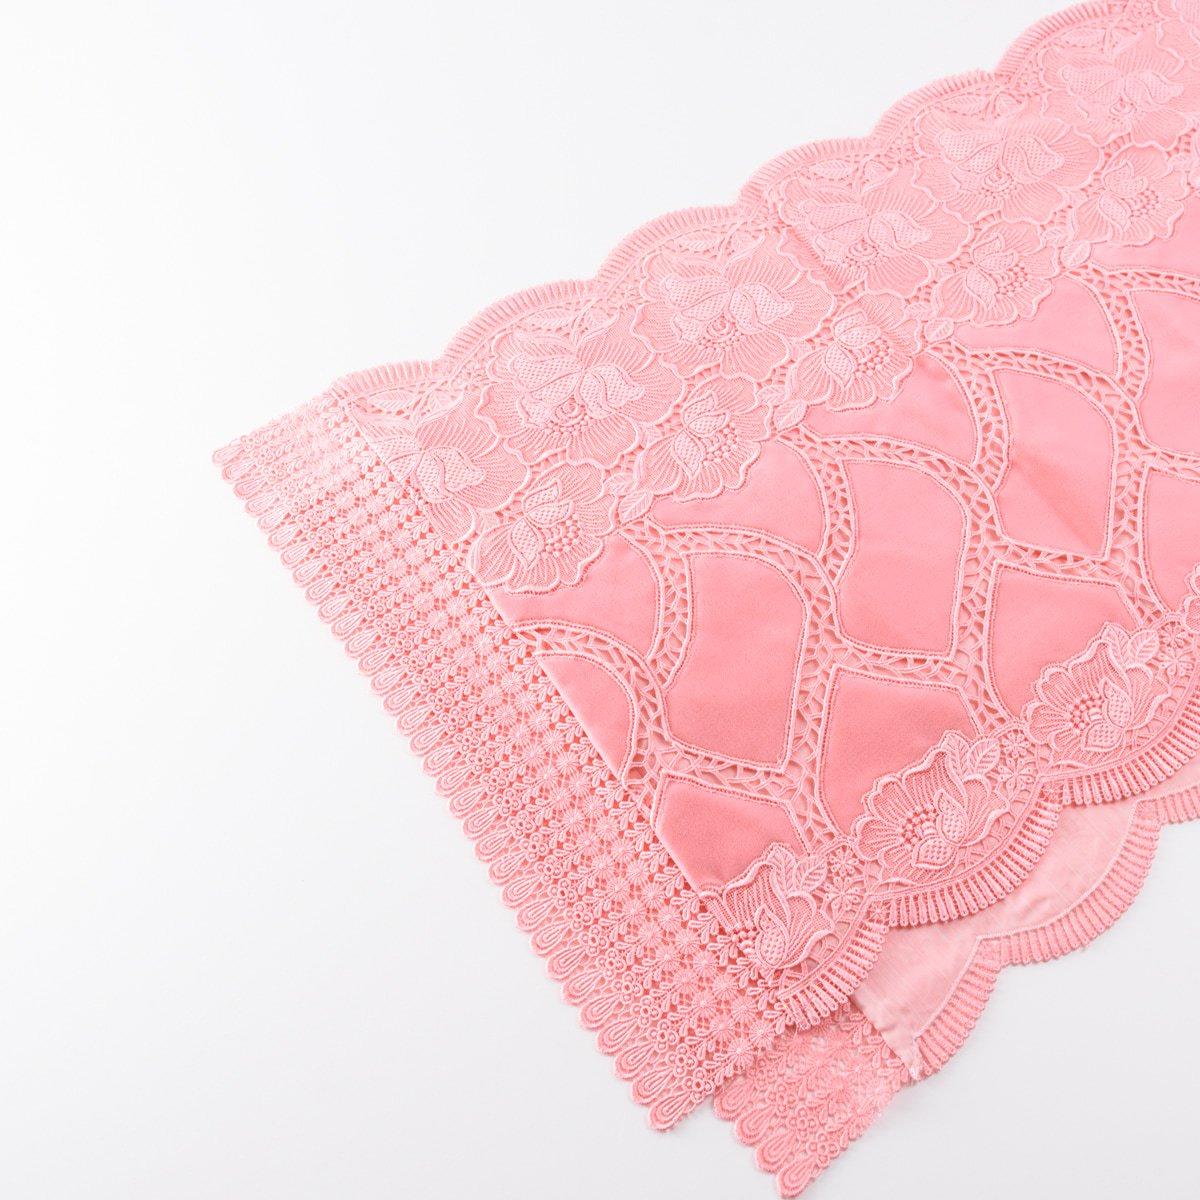 「ショール 桃色 花と網目のレース」の商品画像